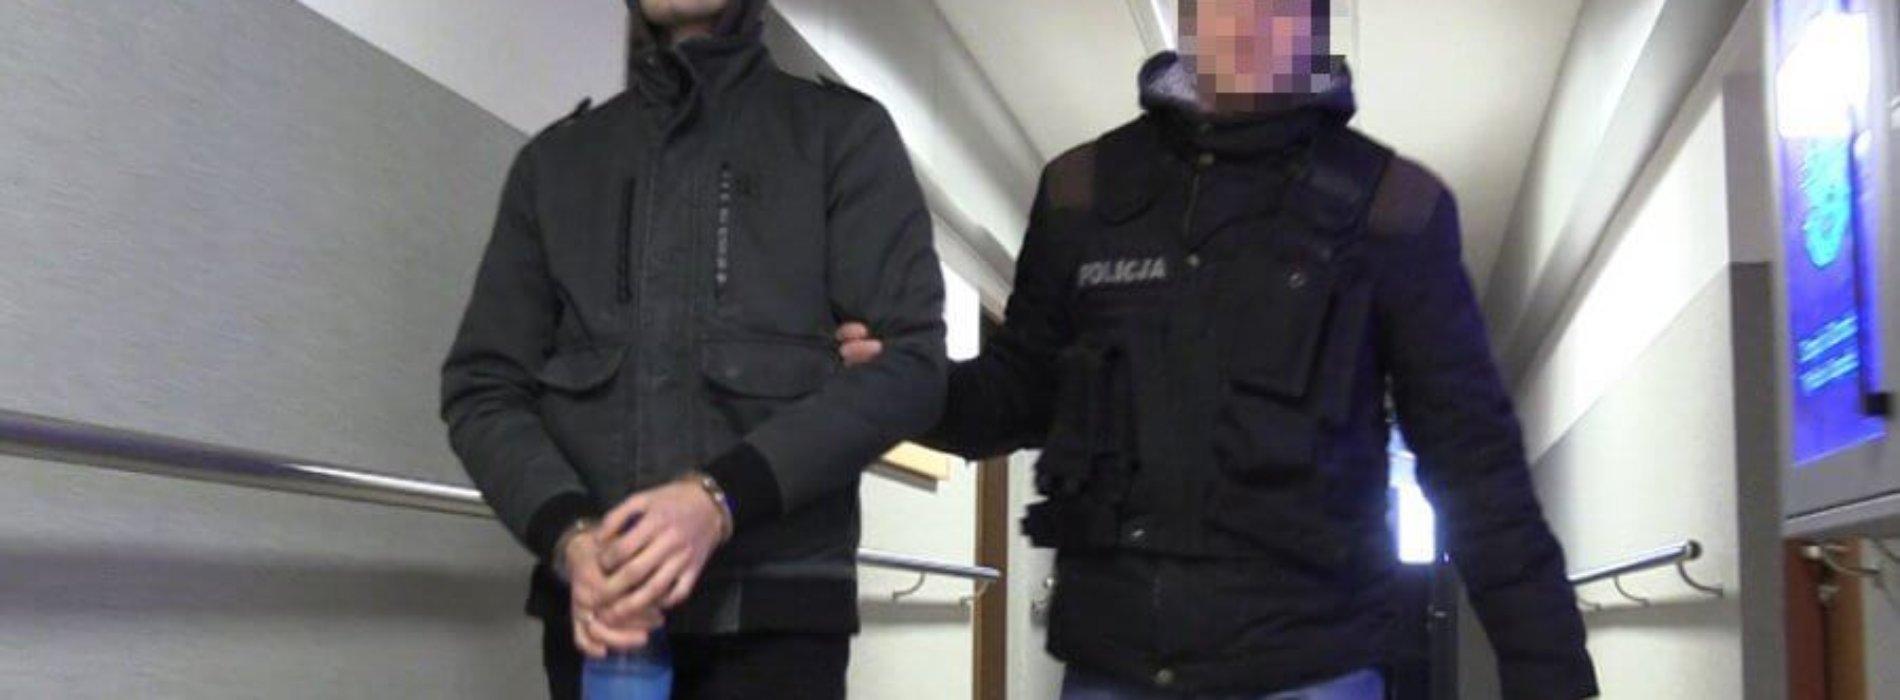 CBŚP z Poznania zatrzymało 7 pedofilów – efekt lipcowej publikacji wizerunków